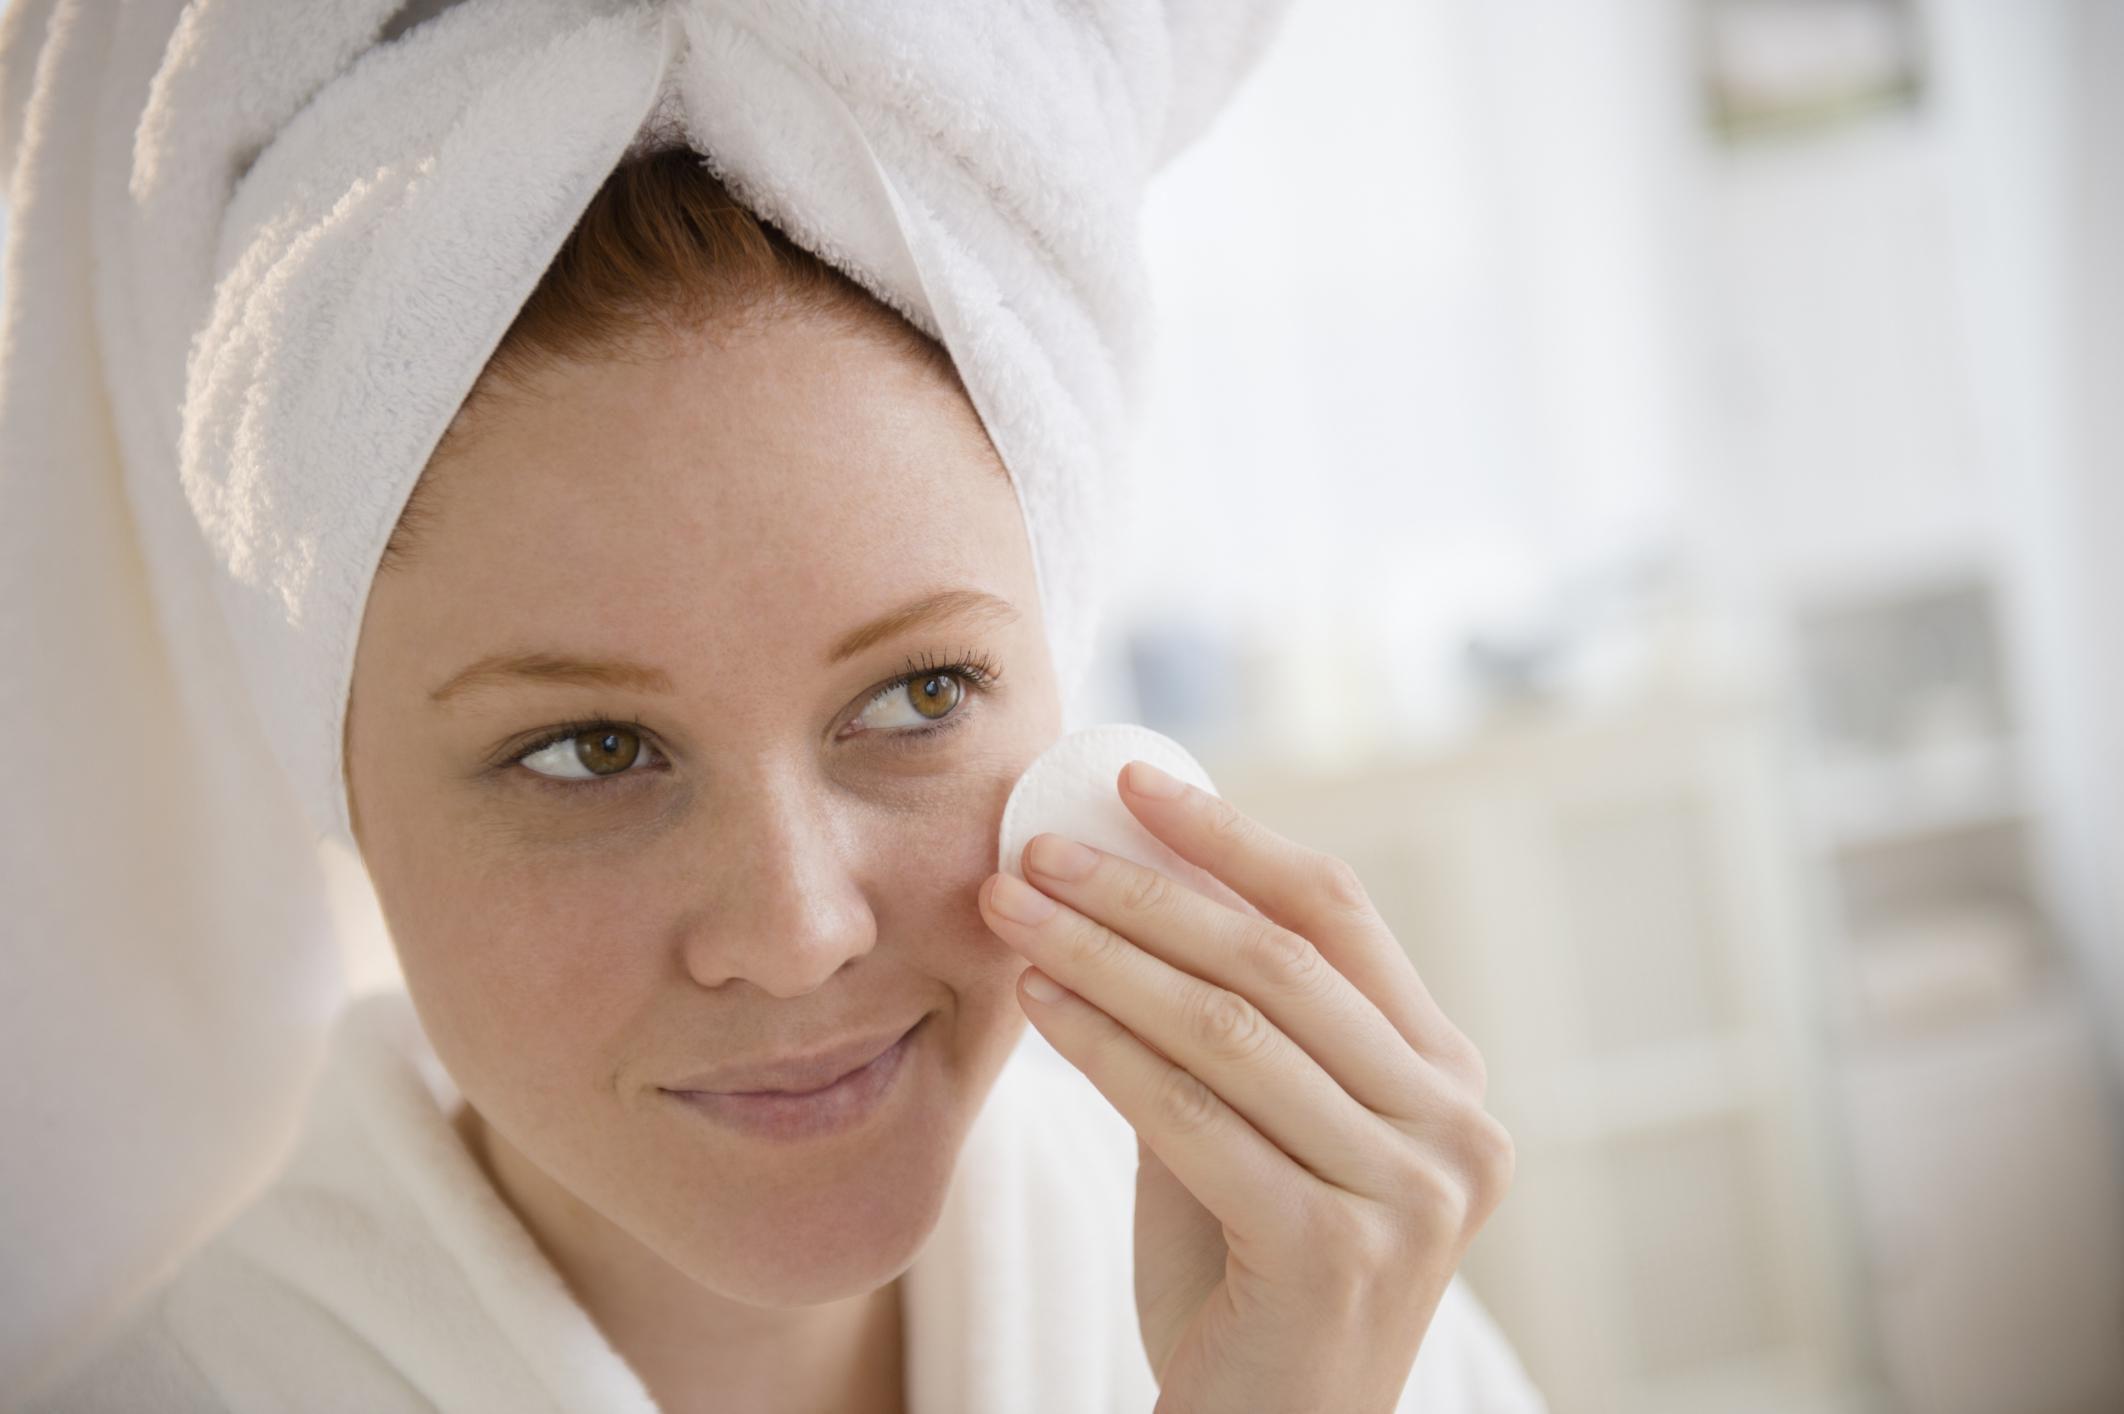 Skin Care Tips For Oily, Acne Prone Skin